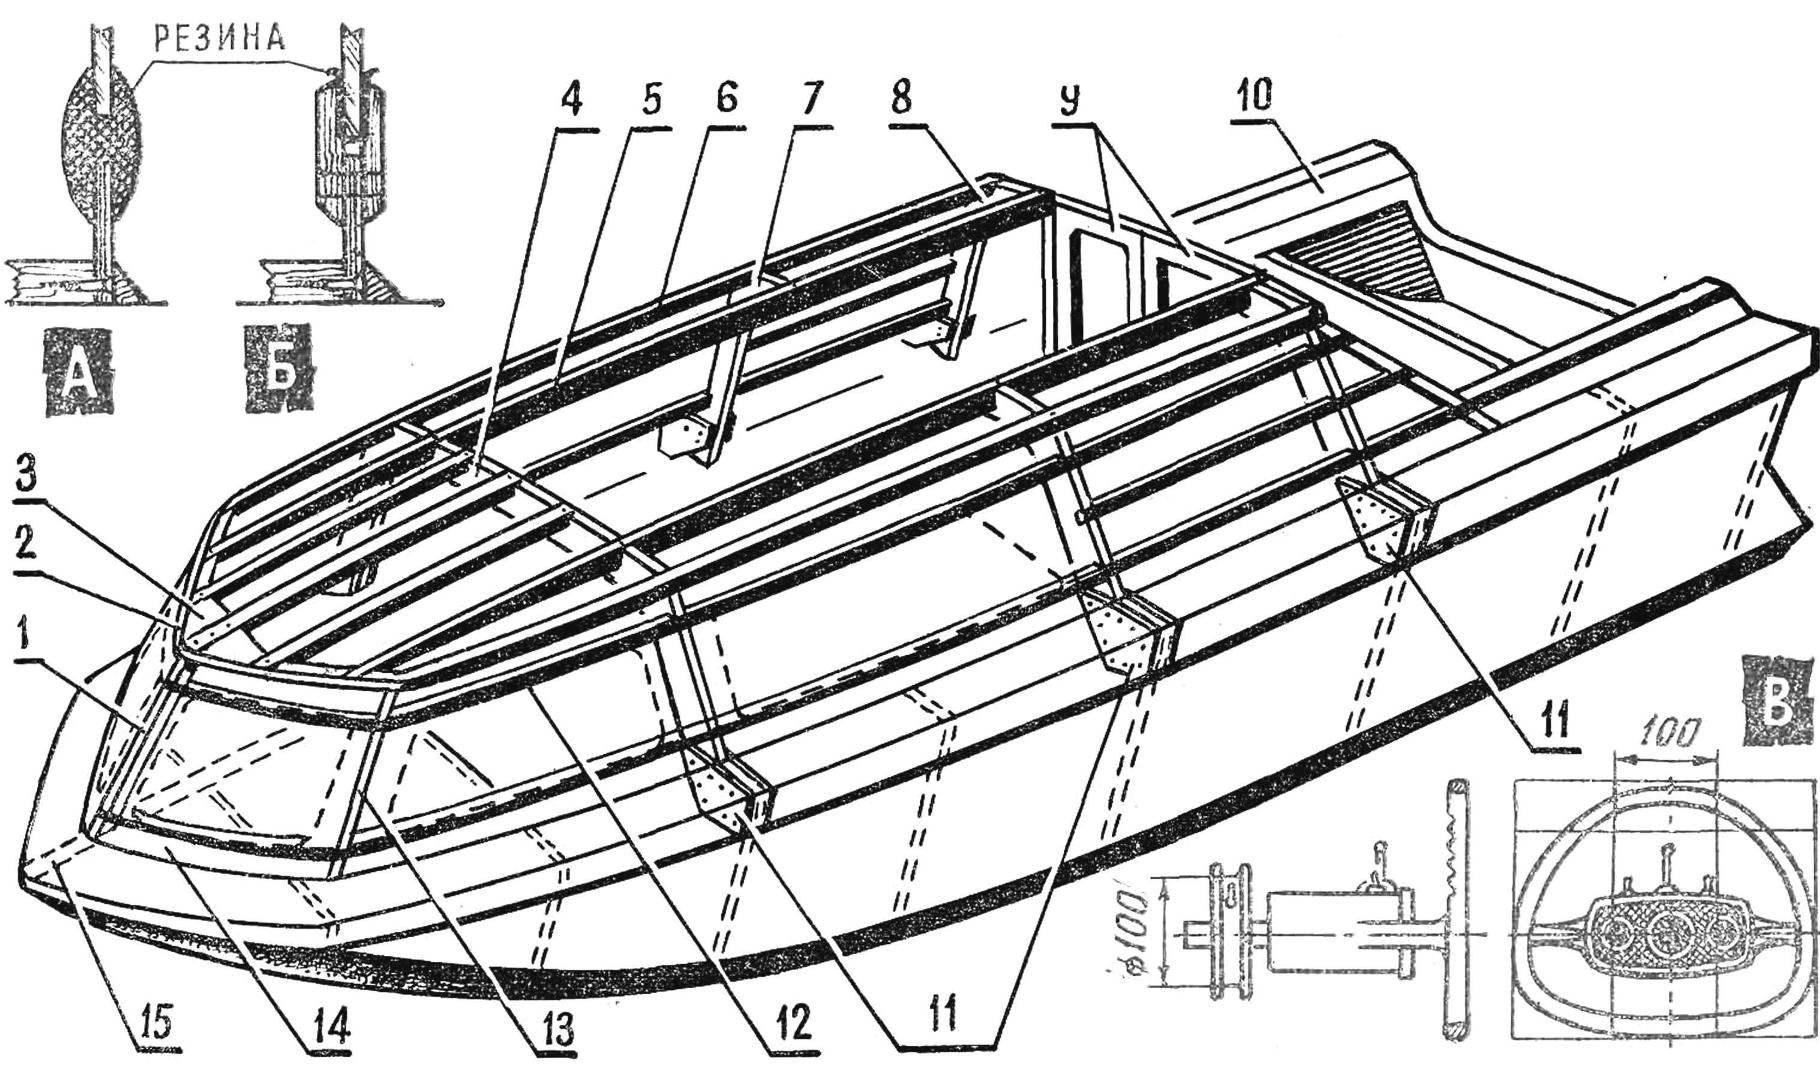 379Алюминиевые катера самостоятельной постройки